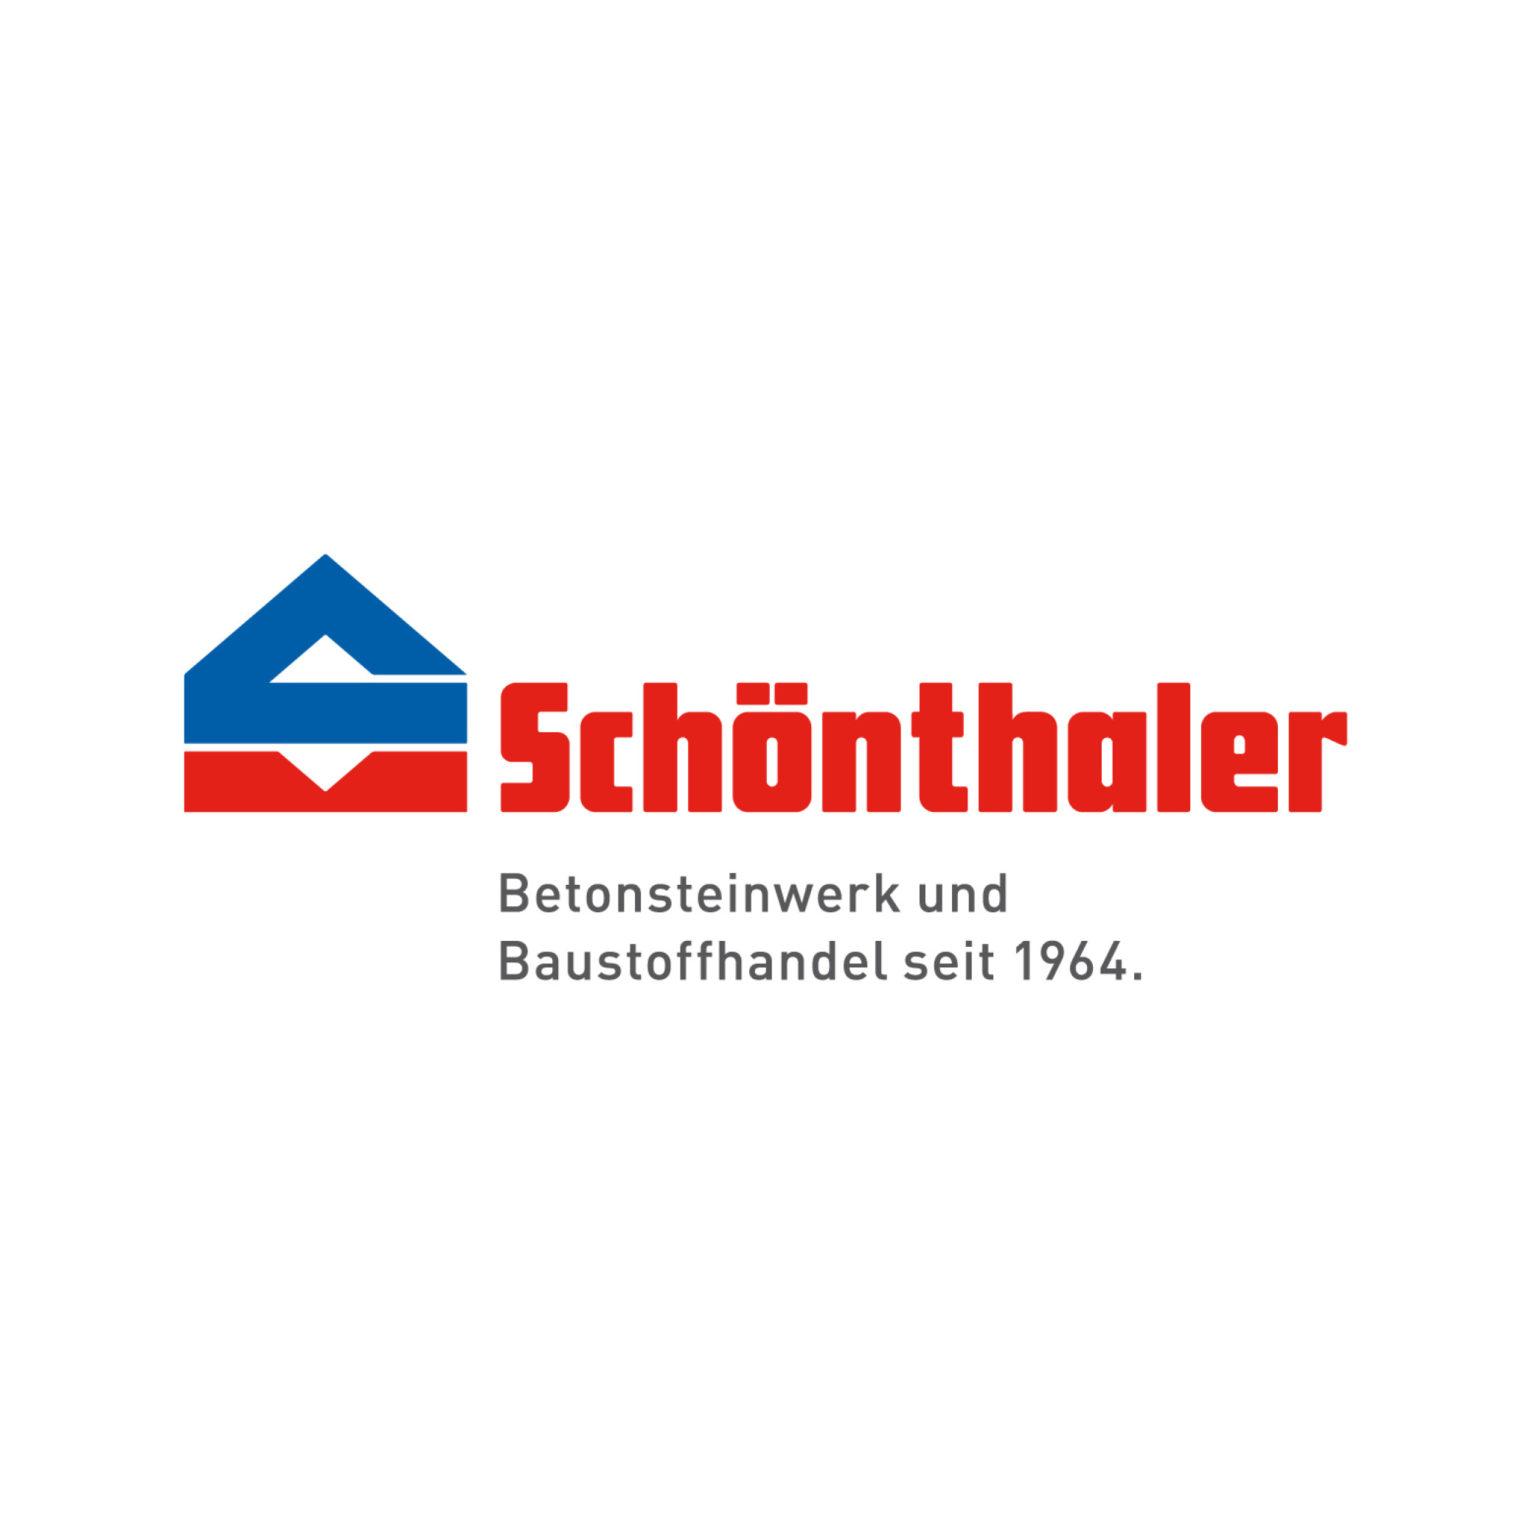 Baugroup Mitglied Schönthaler KG